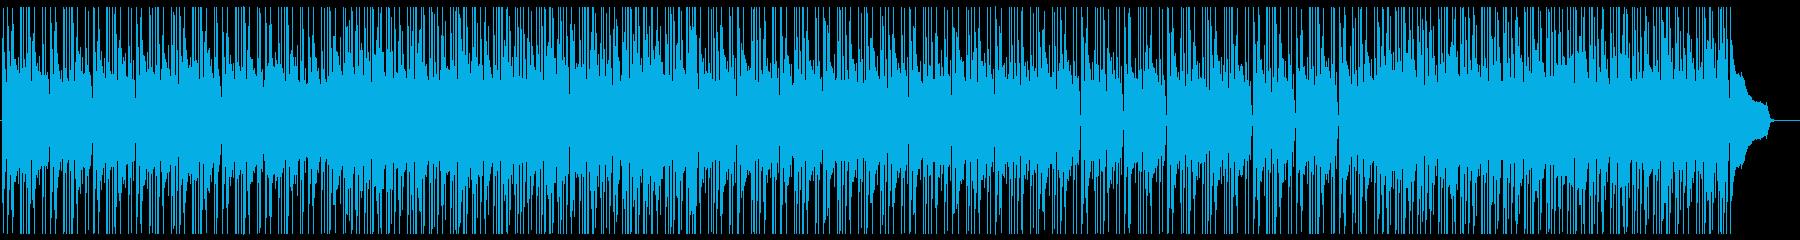 爽やかでシンプルなピアノポップの再生済みの波形